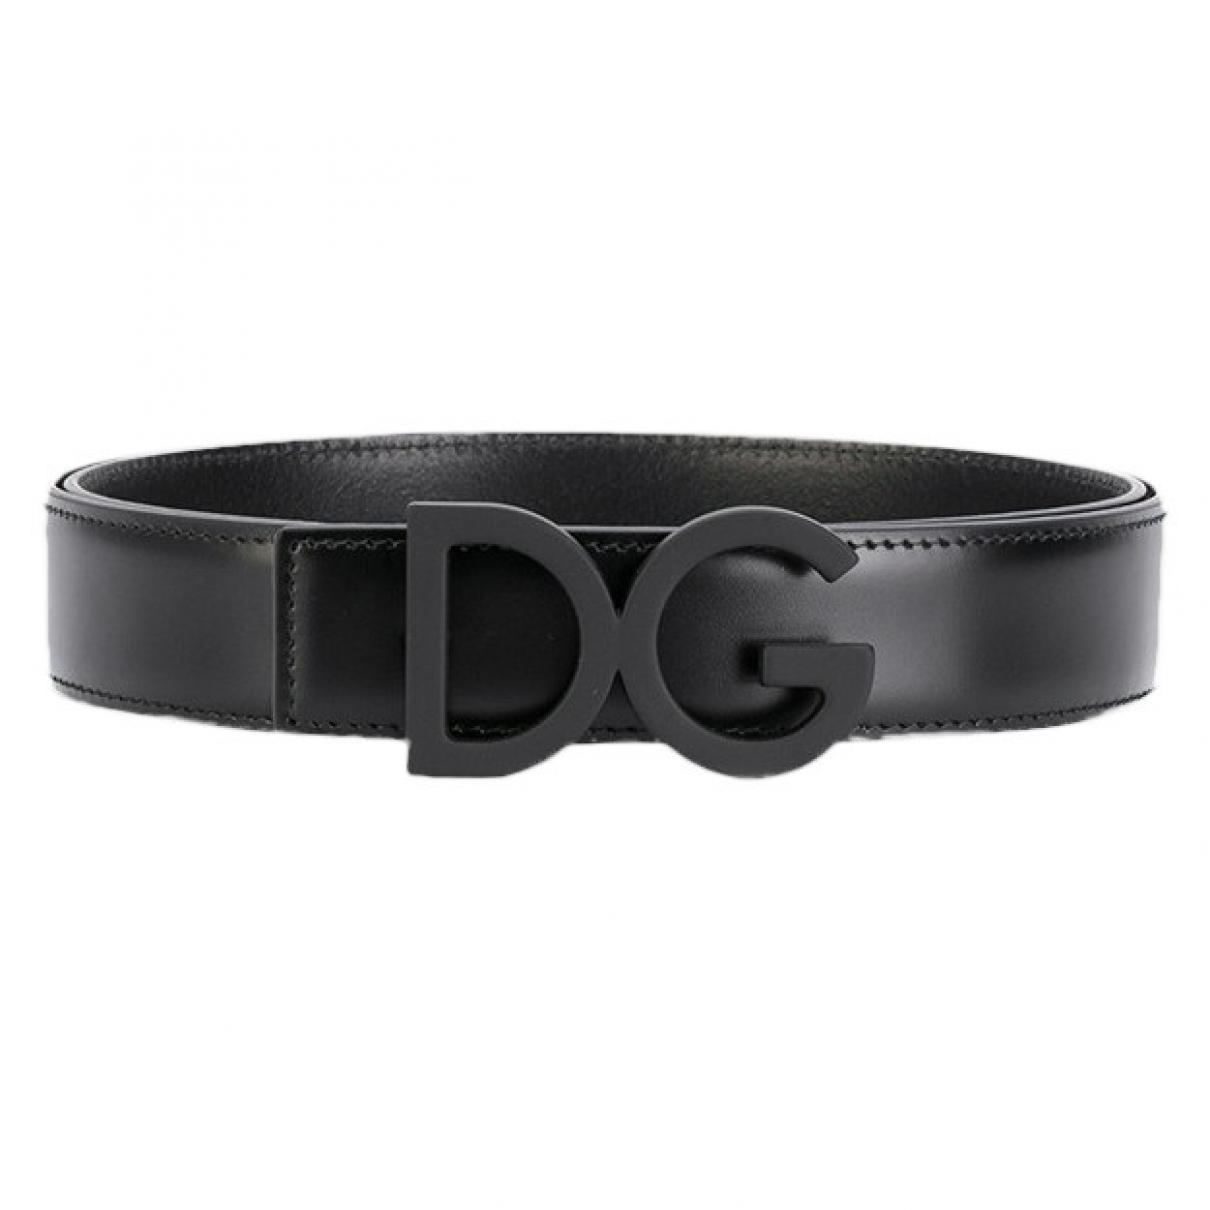 Dolce & Gabbana - Ceinture   pour homme en cuir - noir